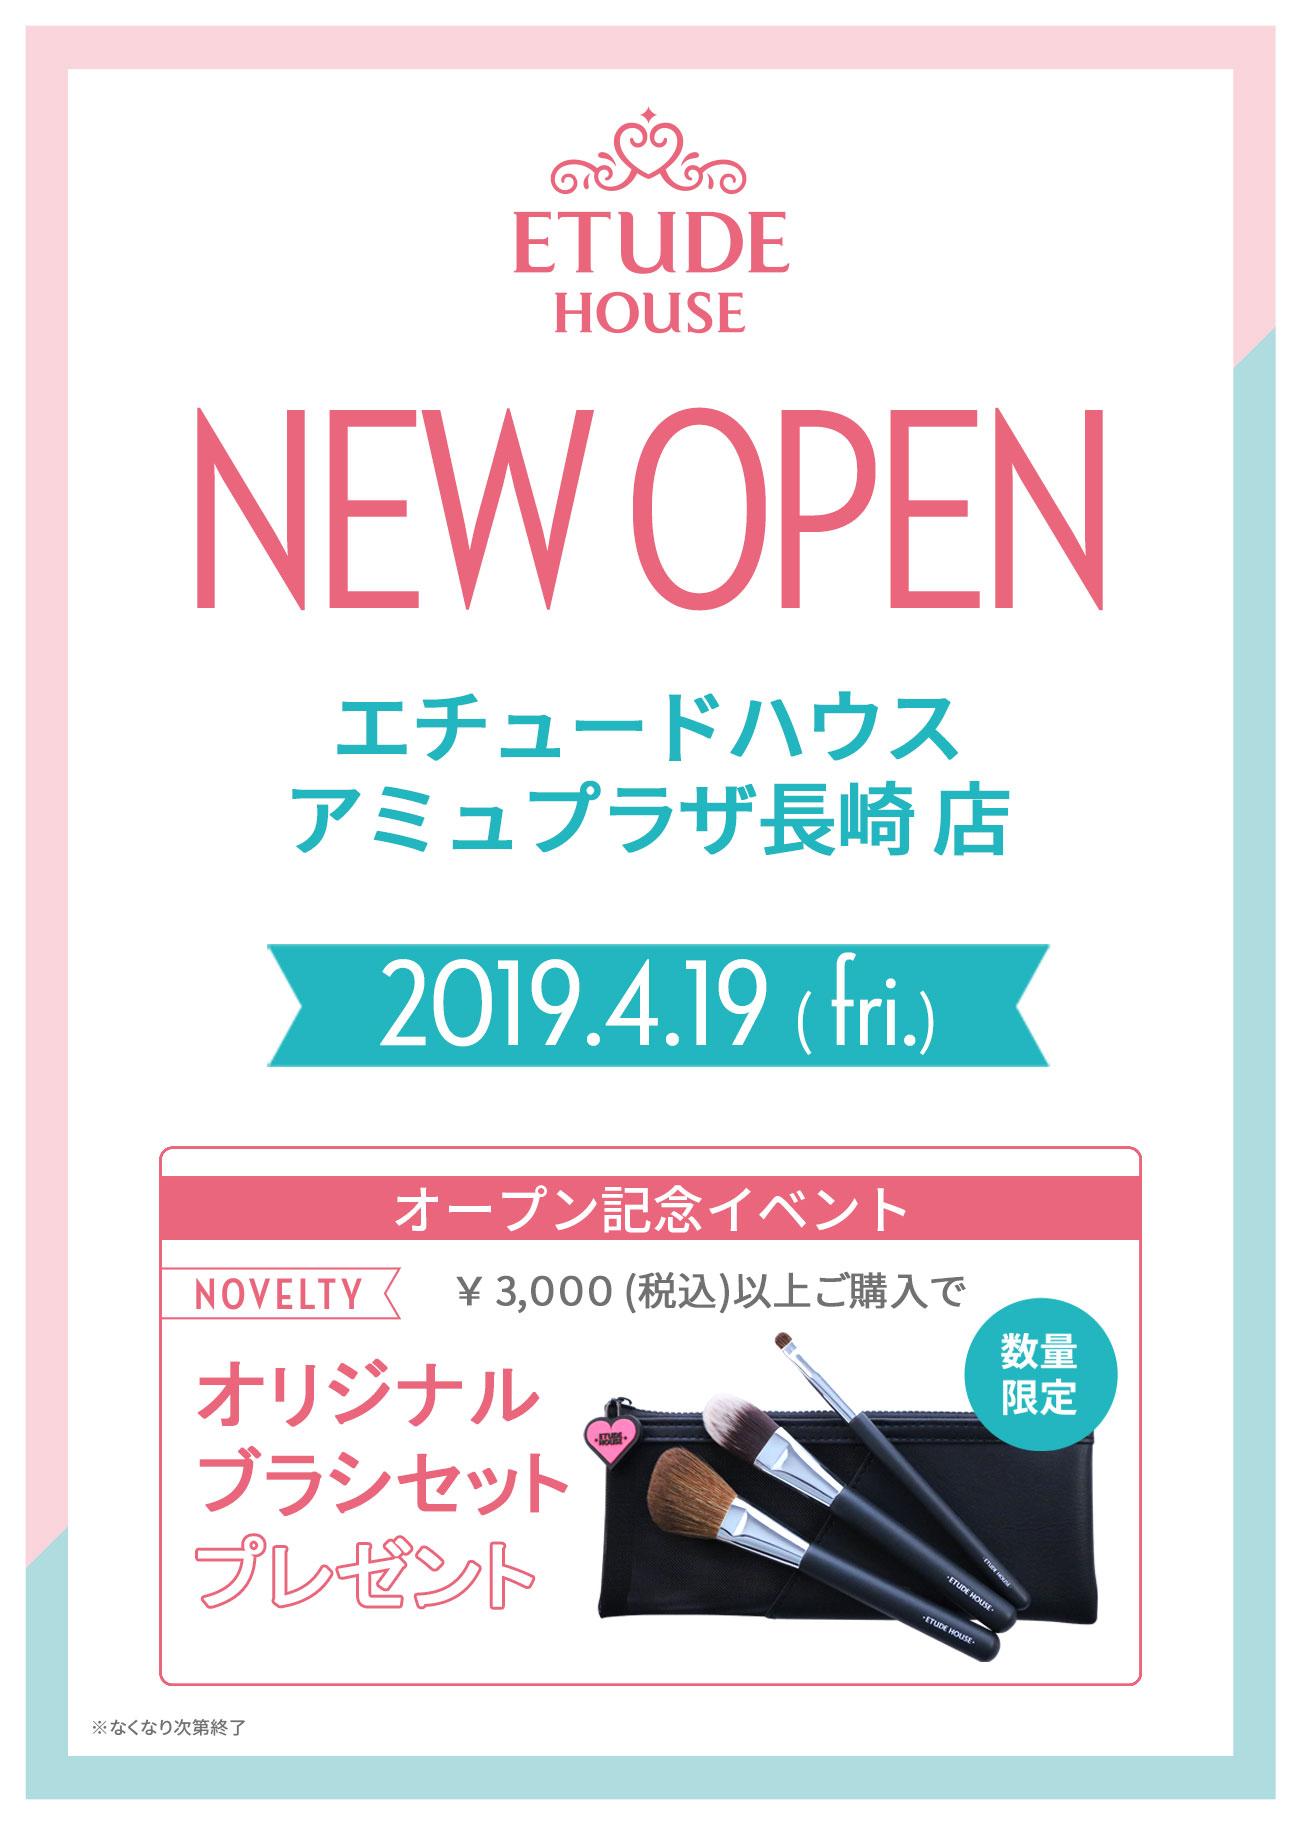 『エチュードハウス アミュプラザ長崎店 』オープン! イベント詳細ご案内♪